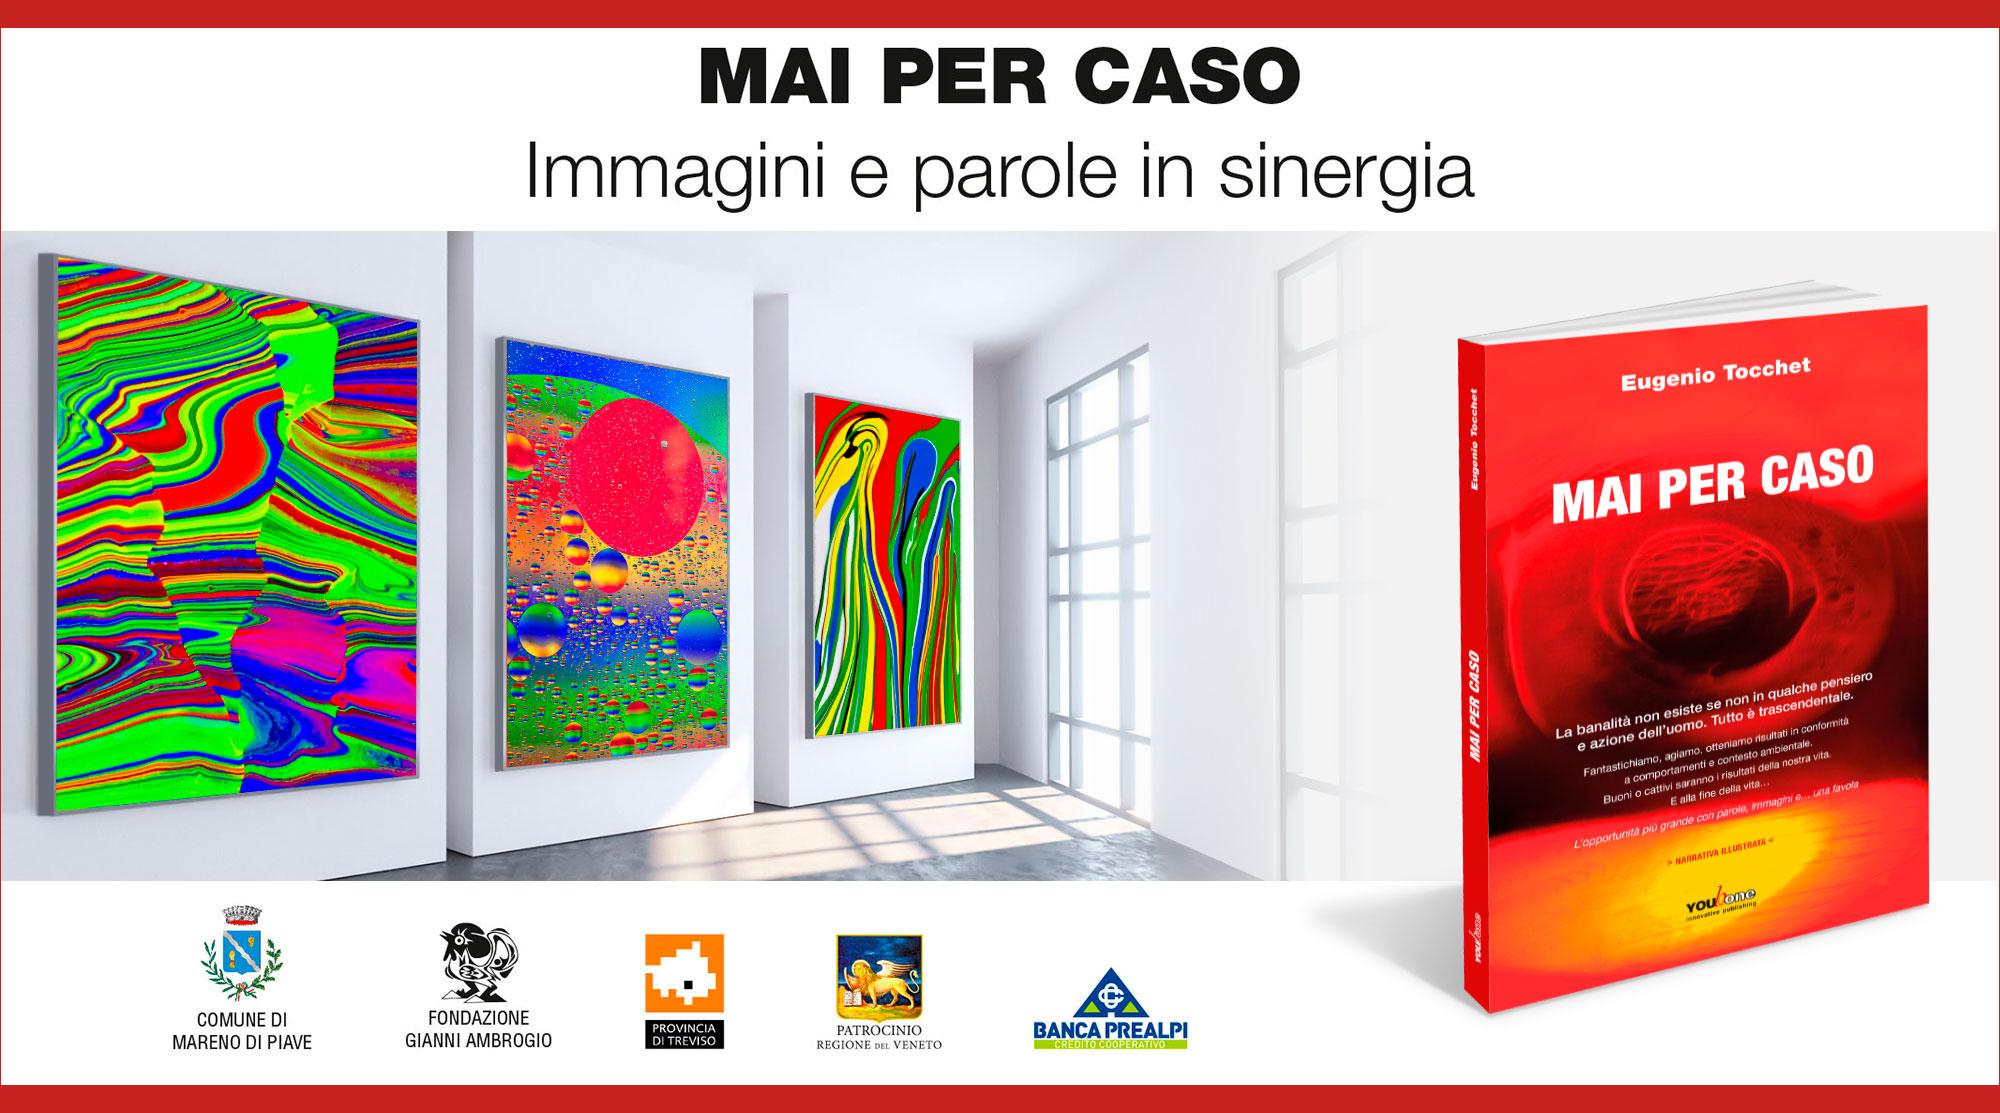 Presentazione mostra quadri moderni e quadri astratti su tela - foto artistiche di Eugenio Tocchet